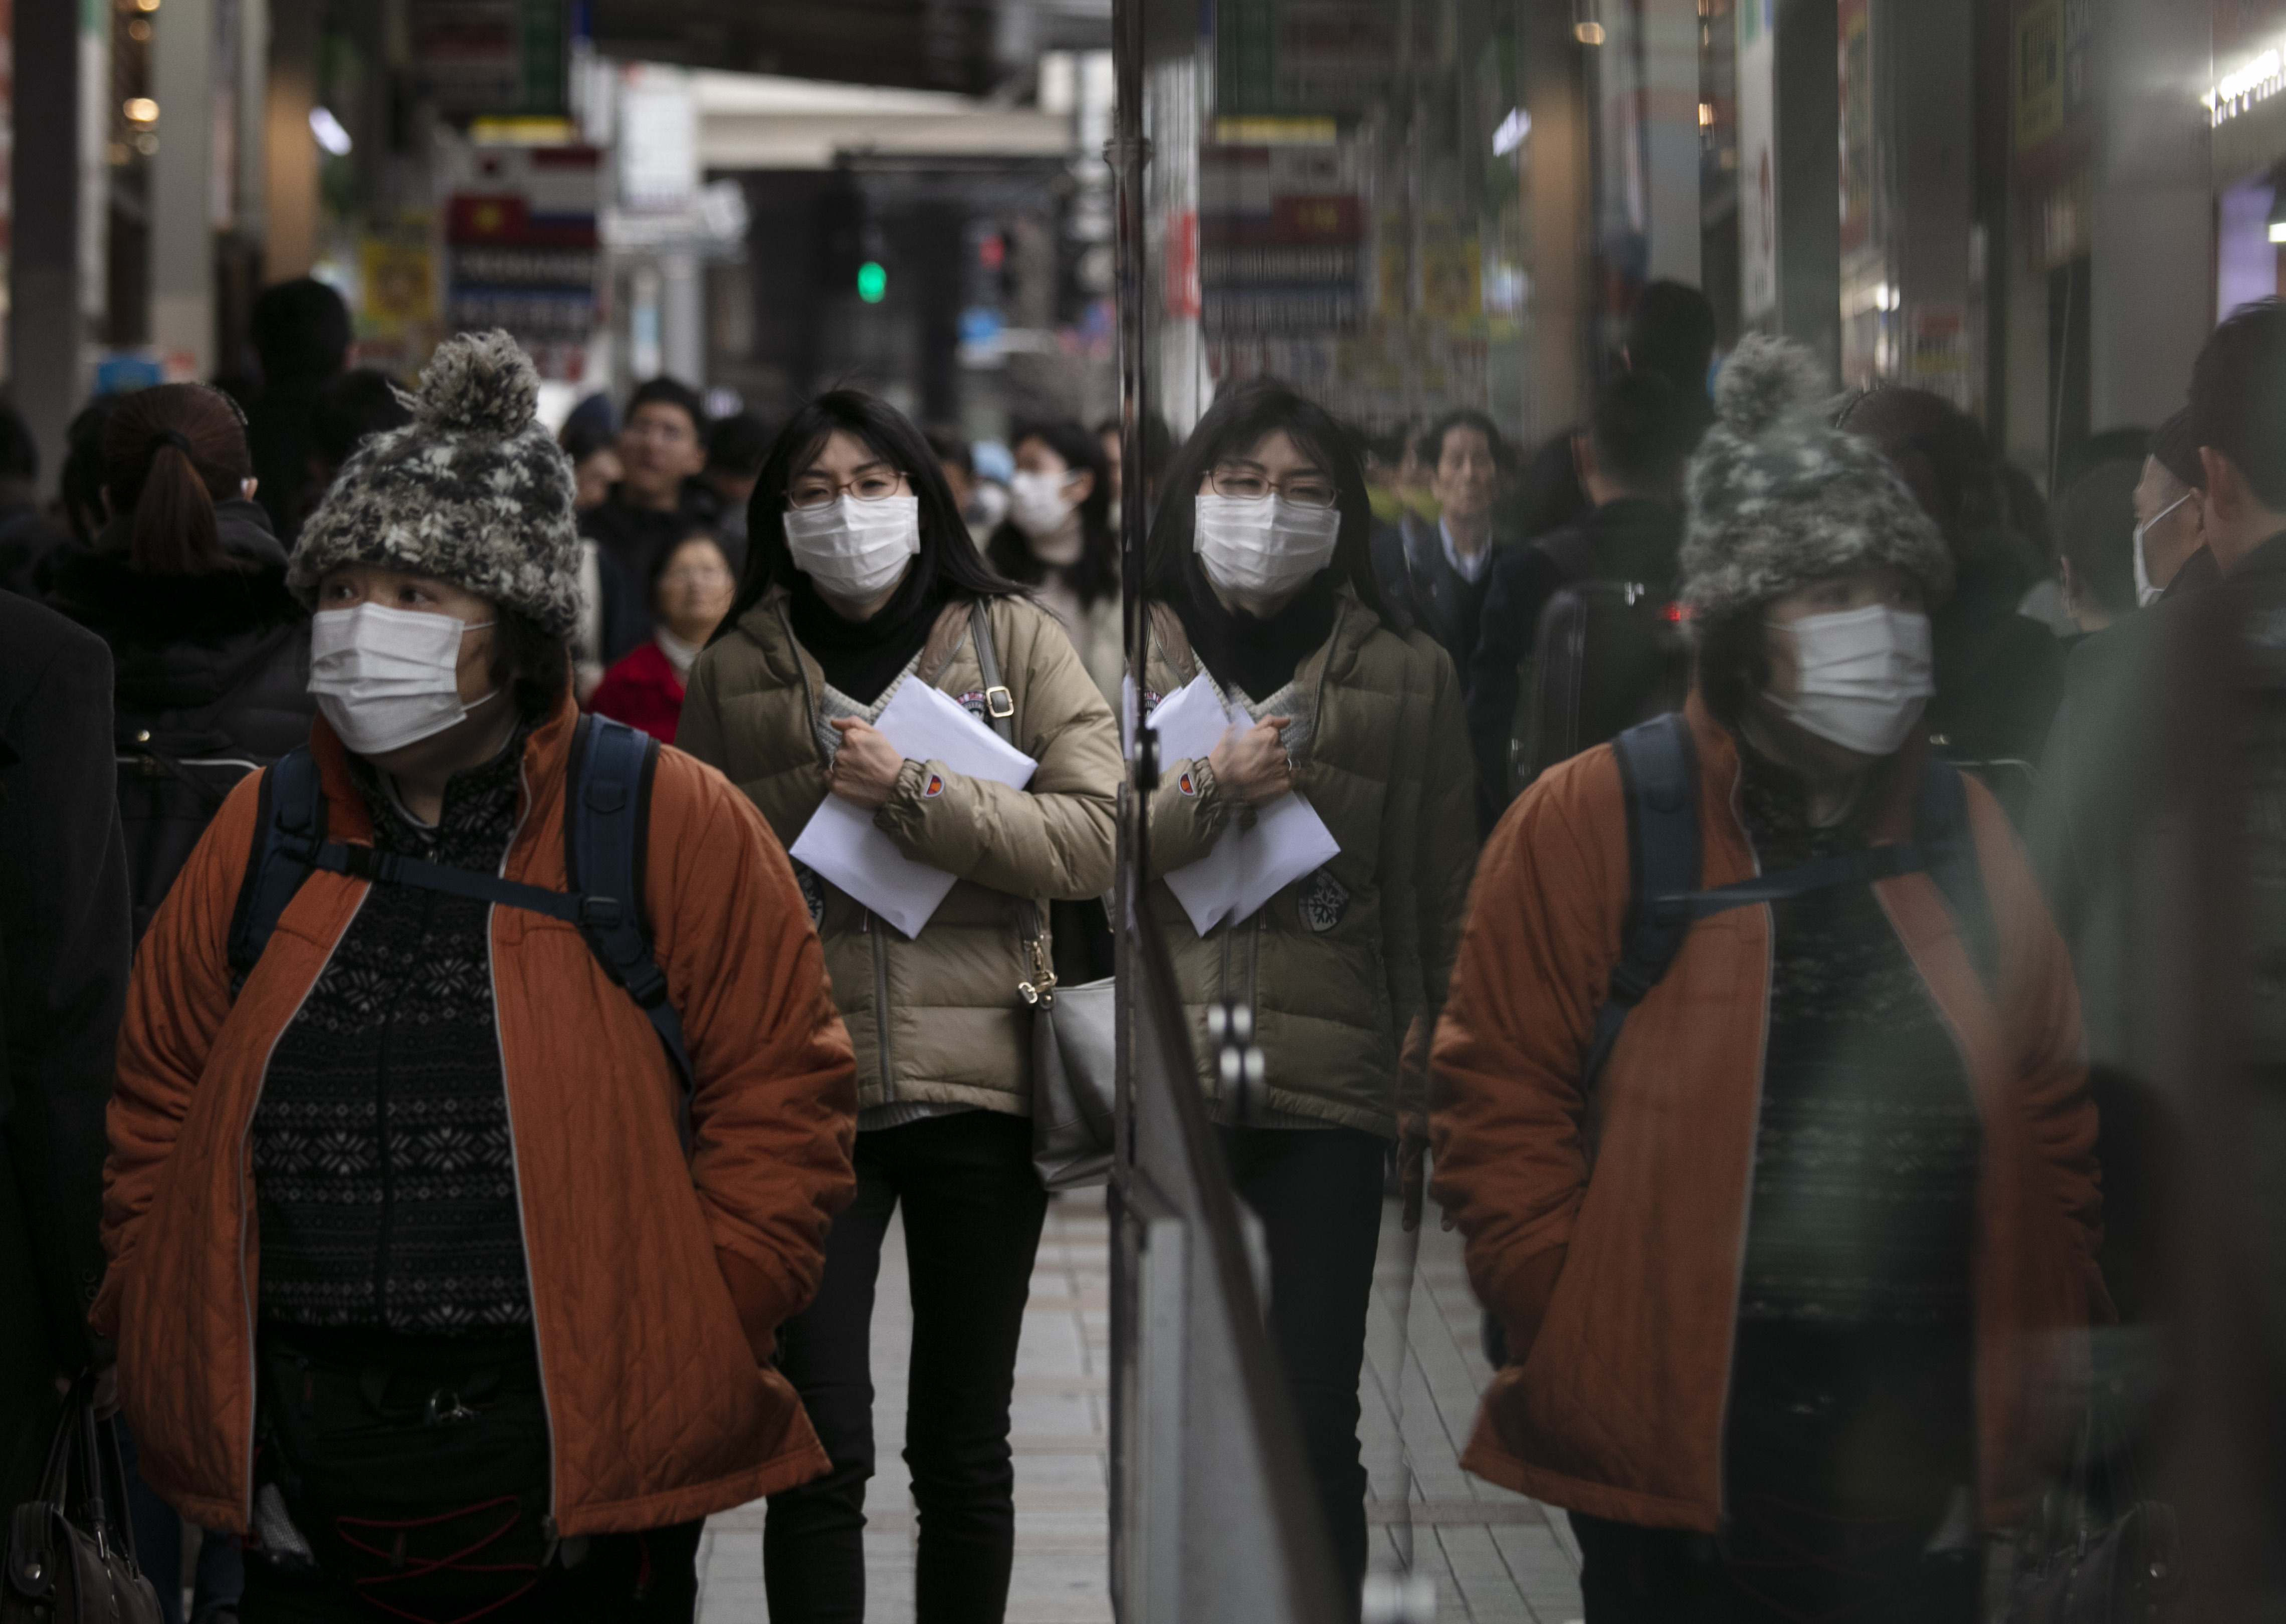 Η κίνα επεκτείνει Σεληνιακό Νέο Έτος διακοπές να περιέχουν coronavirus ως αριθμός των νεκρών ανέρχεται